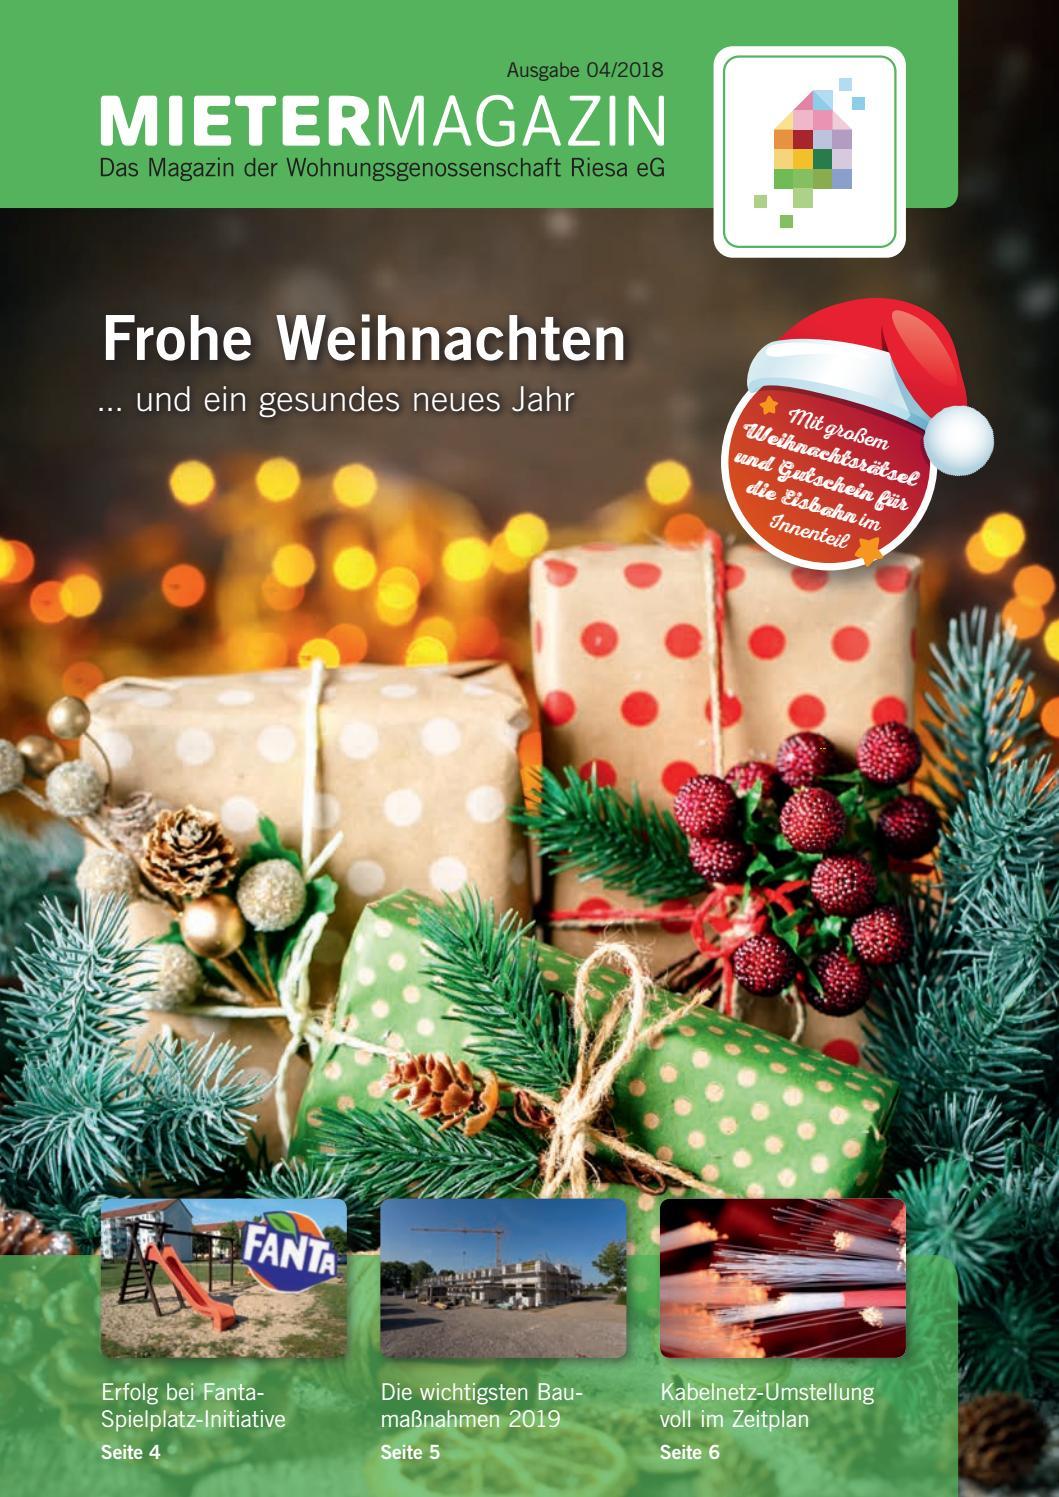 Mietermagazin Ausgabe 4/2018 by Wohnungsgenossenschaft Riesa eG - issuu